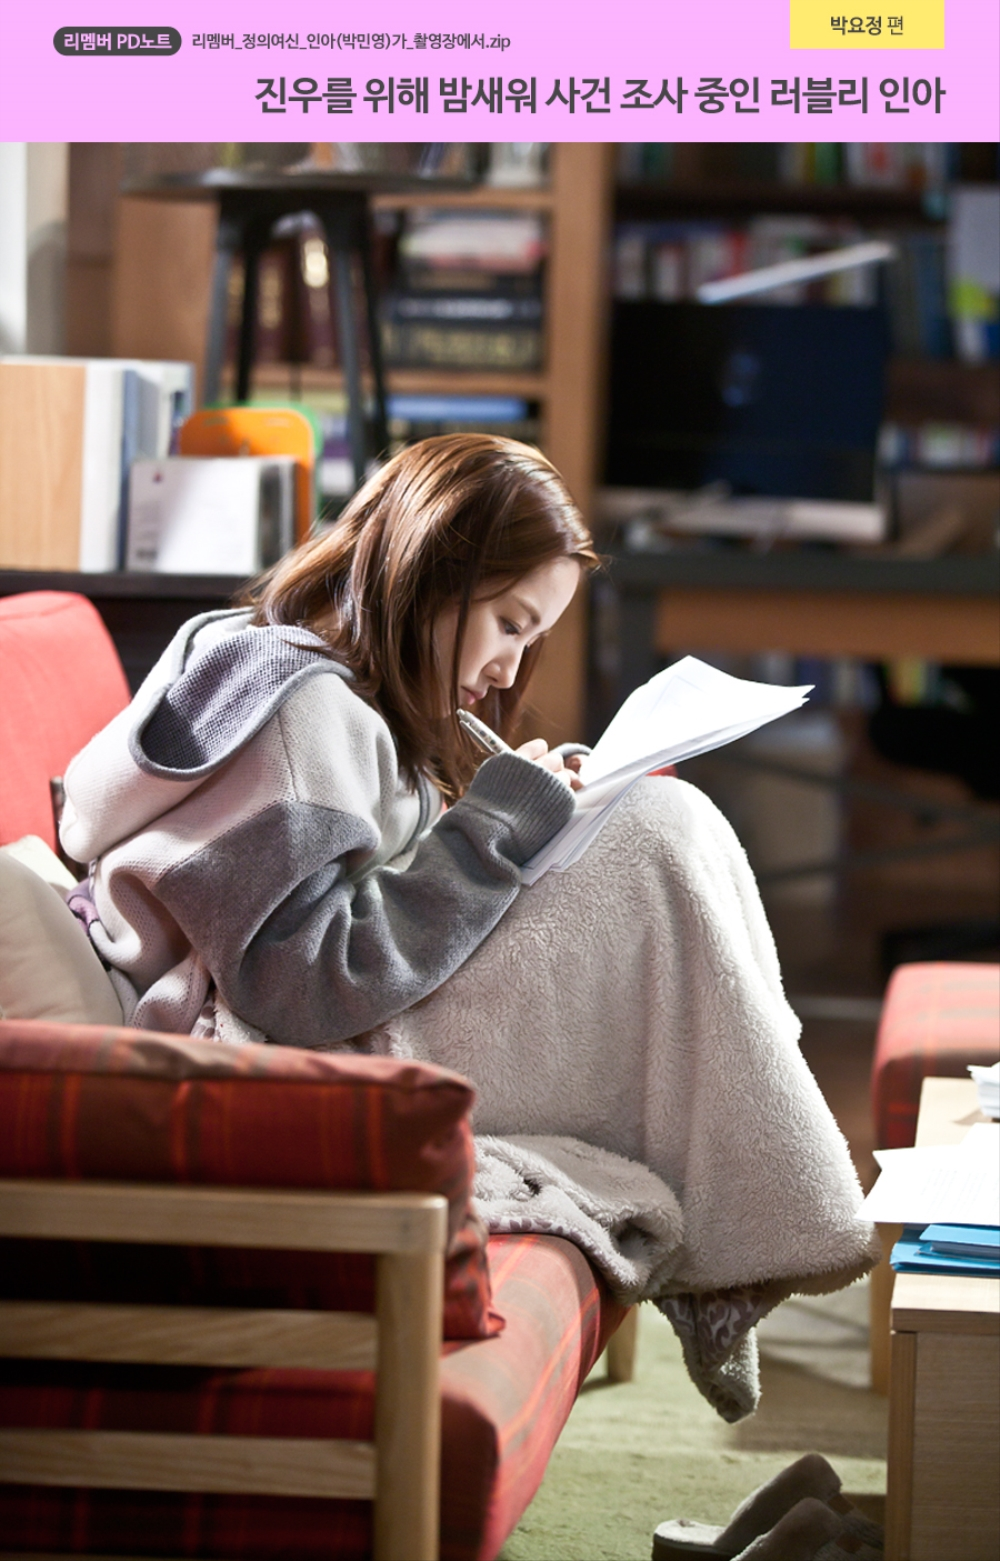 진우(유승호)를 위해 밤새워 사건 조사 중인 러블리 인아(박민영)